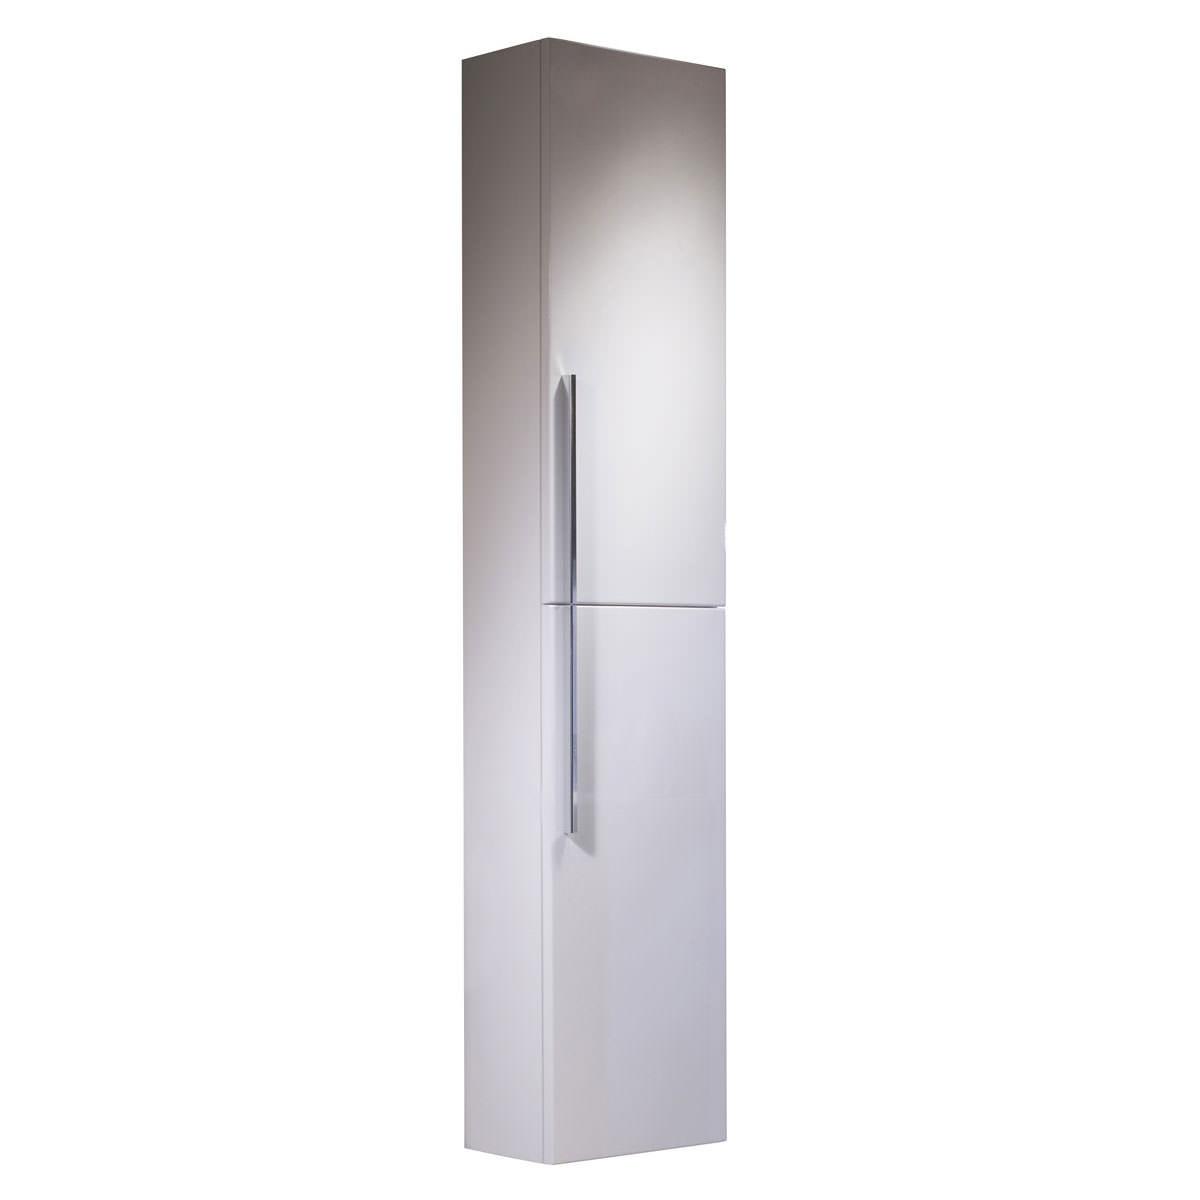 Roper Rhodes Envy 1480mm Tall Storage Cupboard